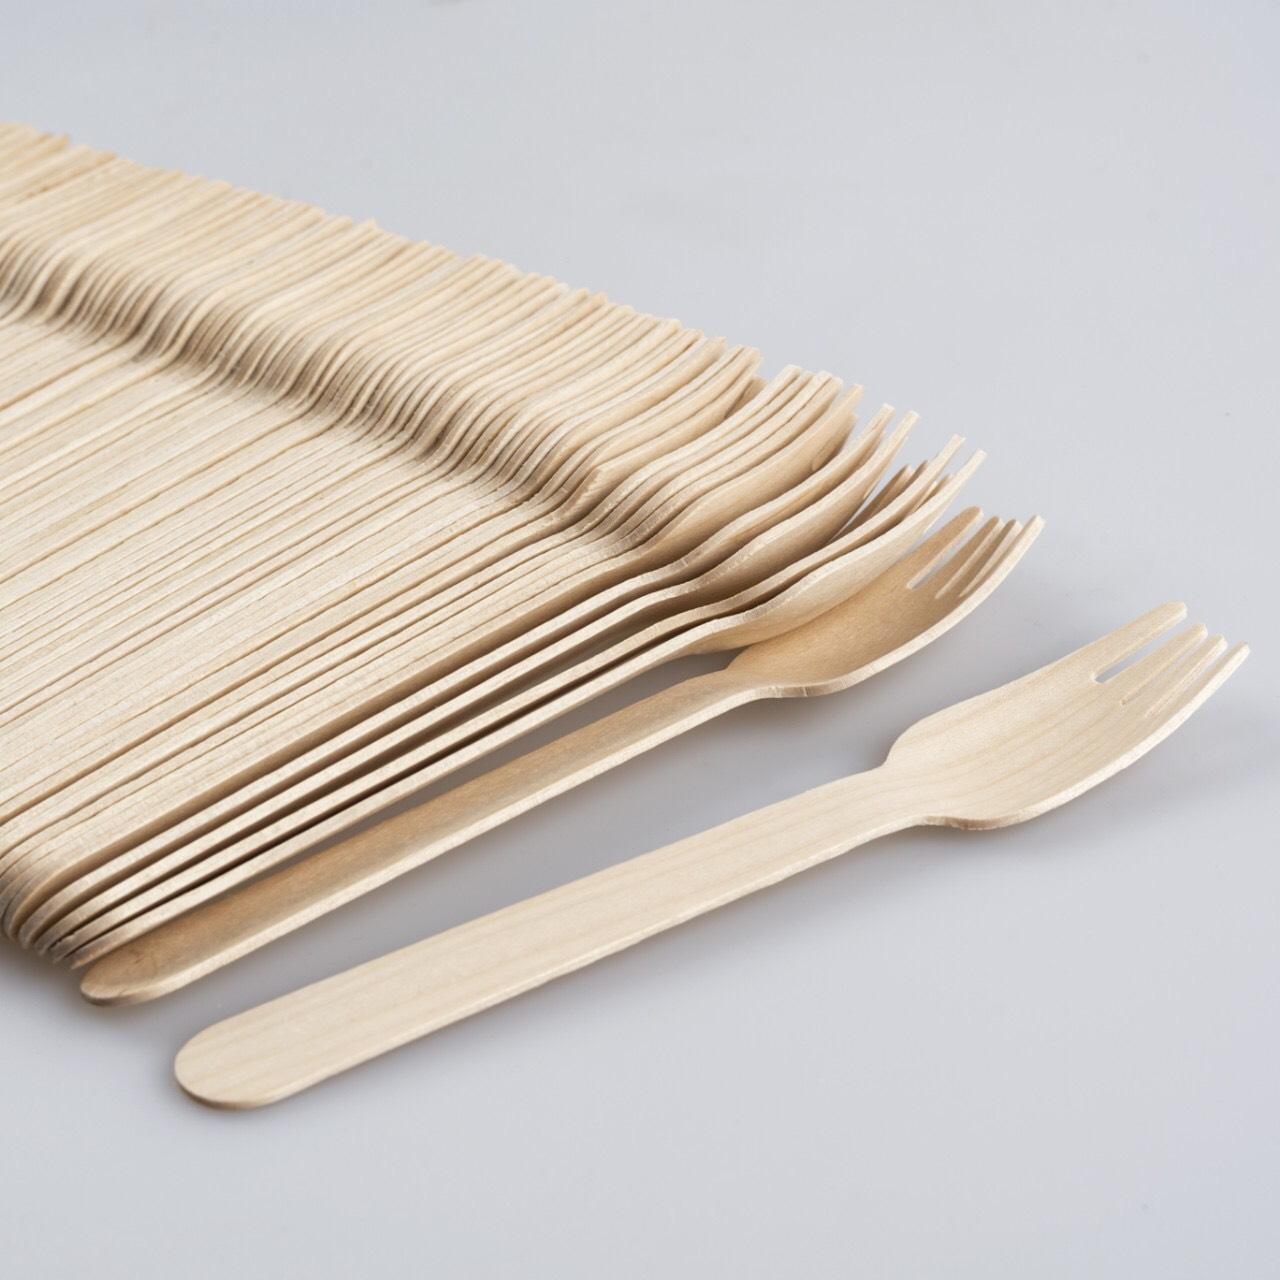 Nĩa (Dĩa) Gỗ 16cm -Túi 20 Nĩa Gỗ - KEGO| Sản xuất tại Việt Nam| 100% phân hủy tự nhiên| An toàn và tiện lợi| Bảo vệ môi trường| Dùng nĩa (dĩa) gỗ cho picnic, party sinh nhật (Đồ dùng một lần)